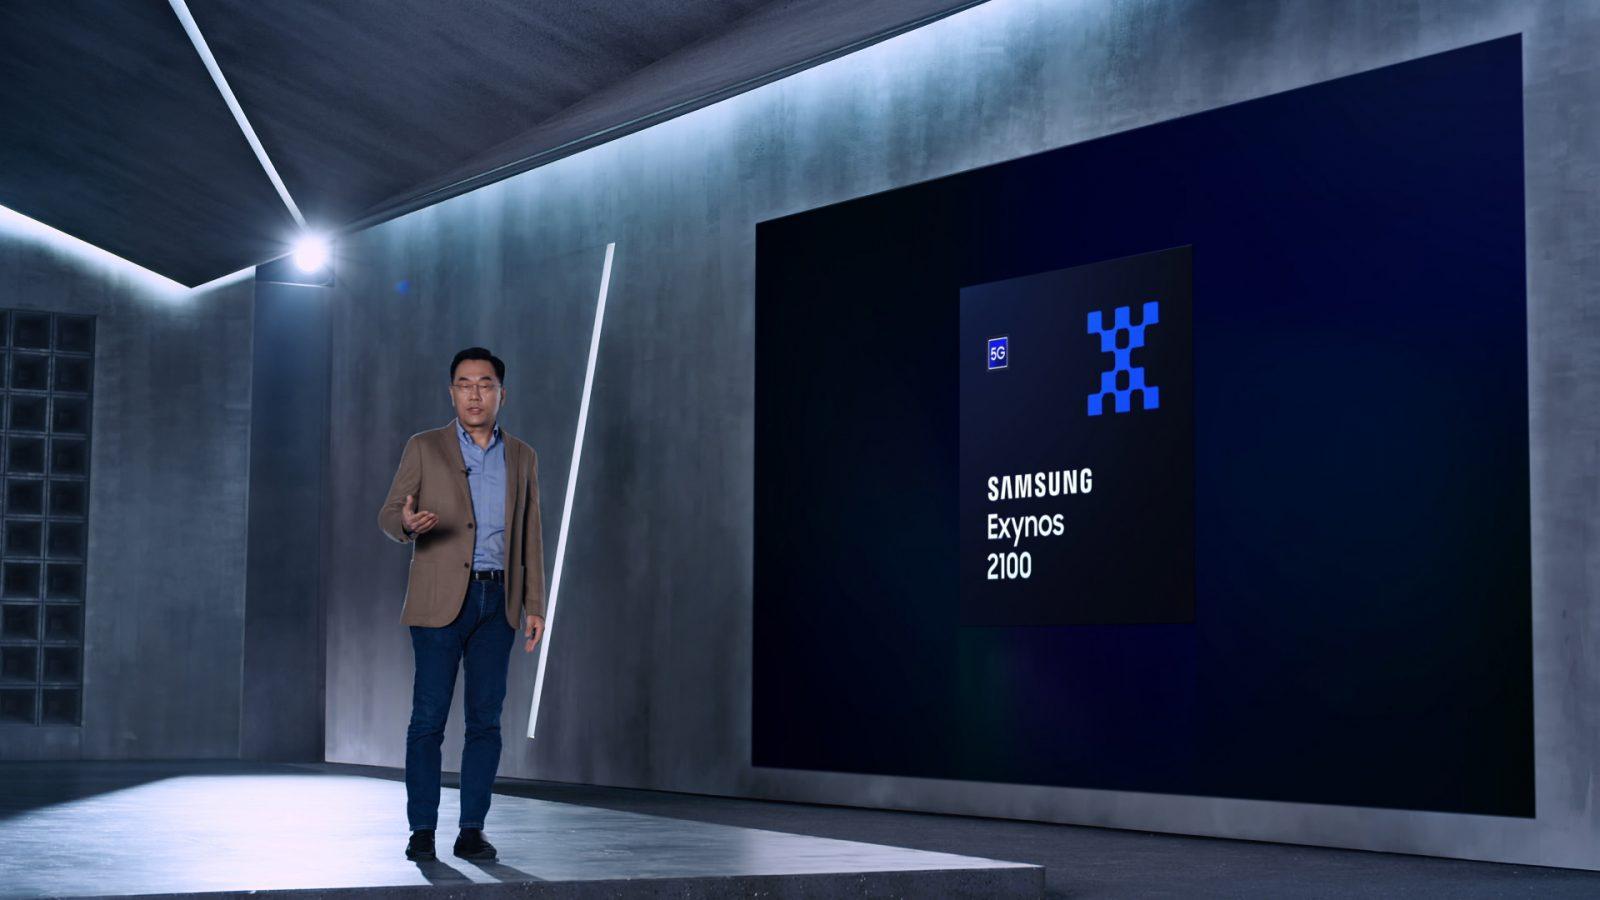 Samsung выпустит три новых чипсета Exynos в 2021 году